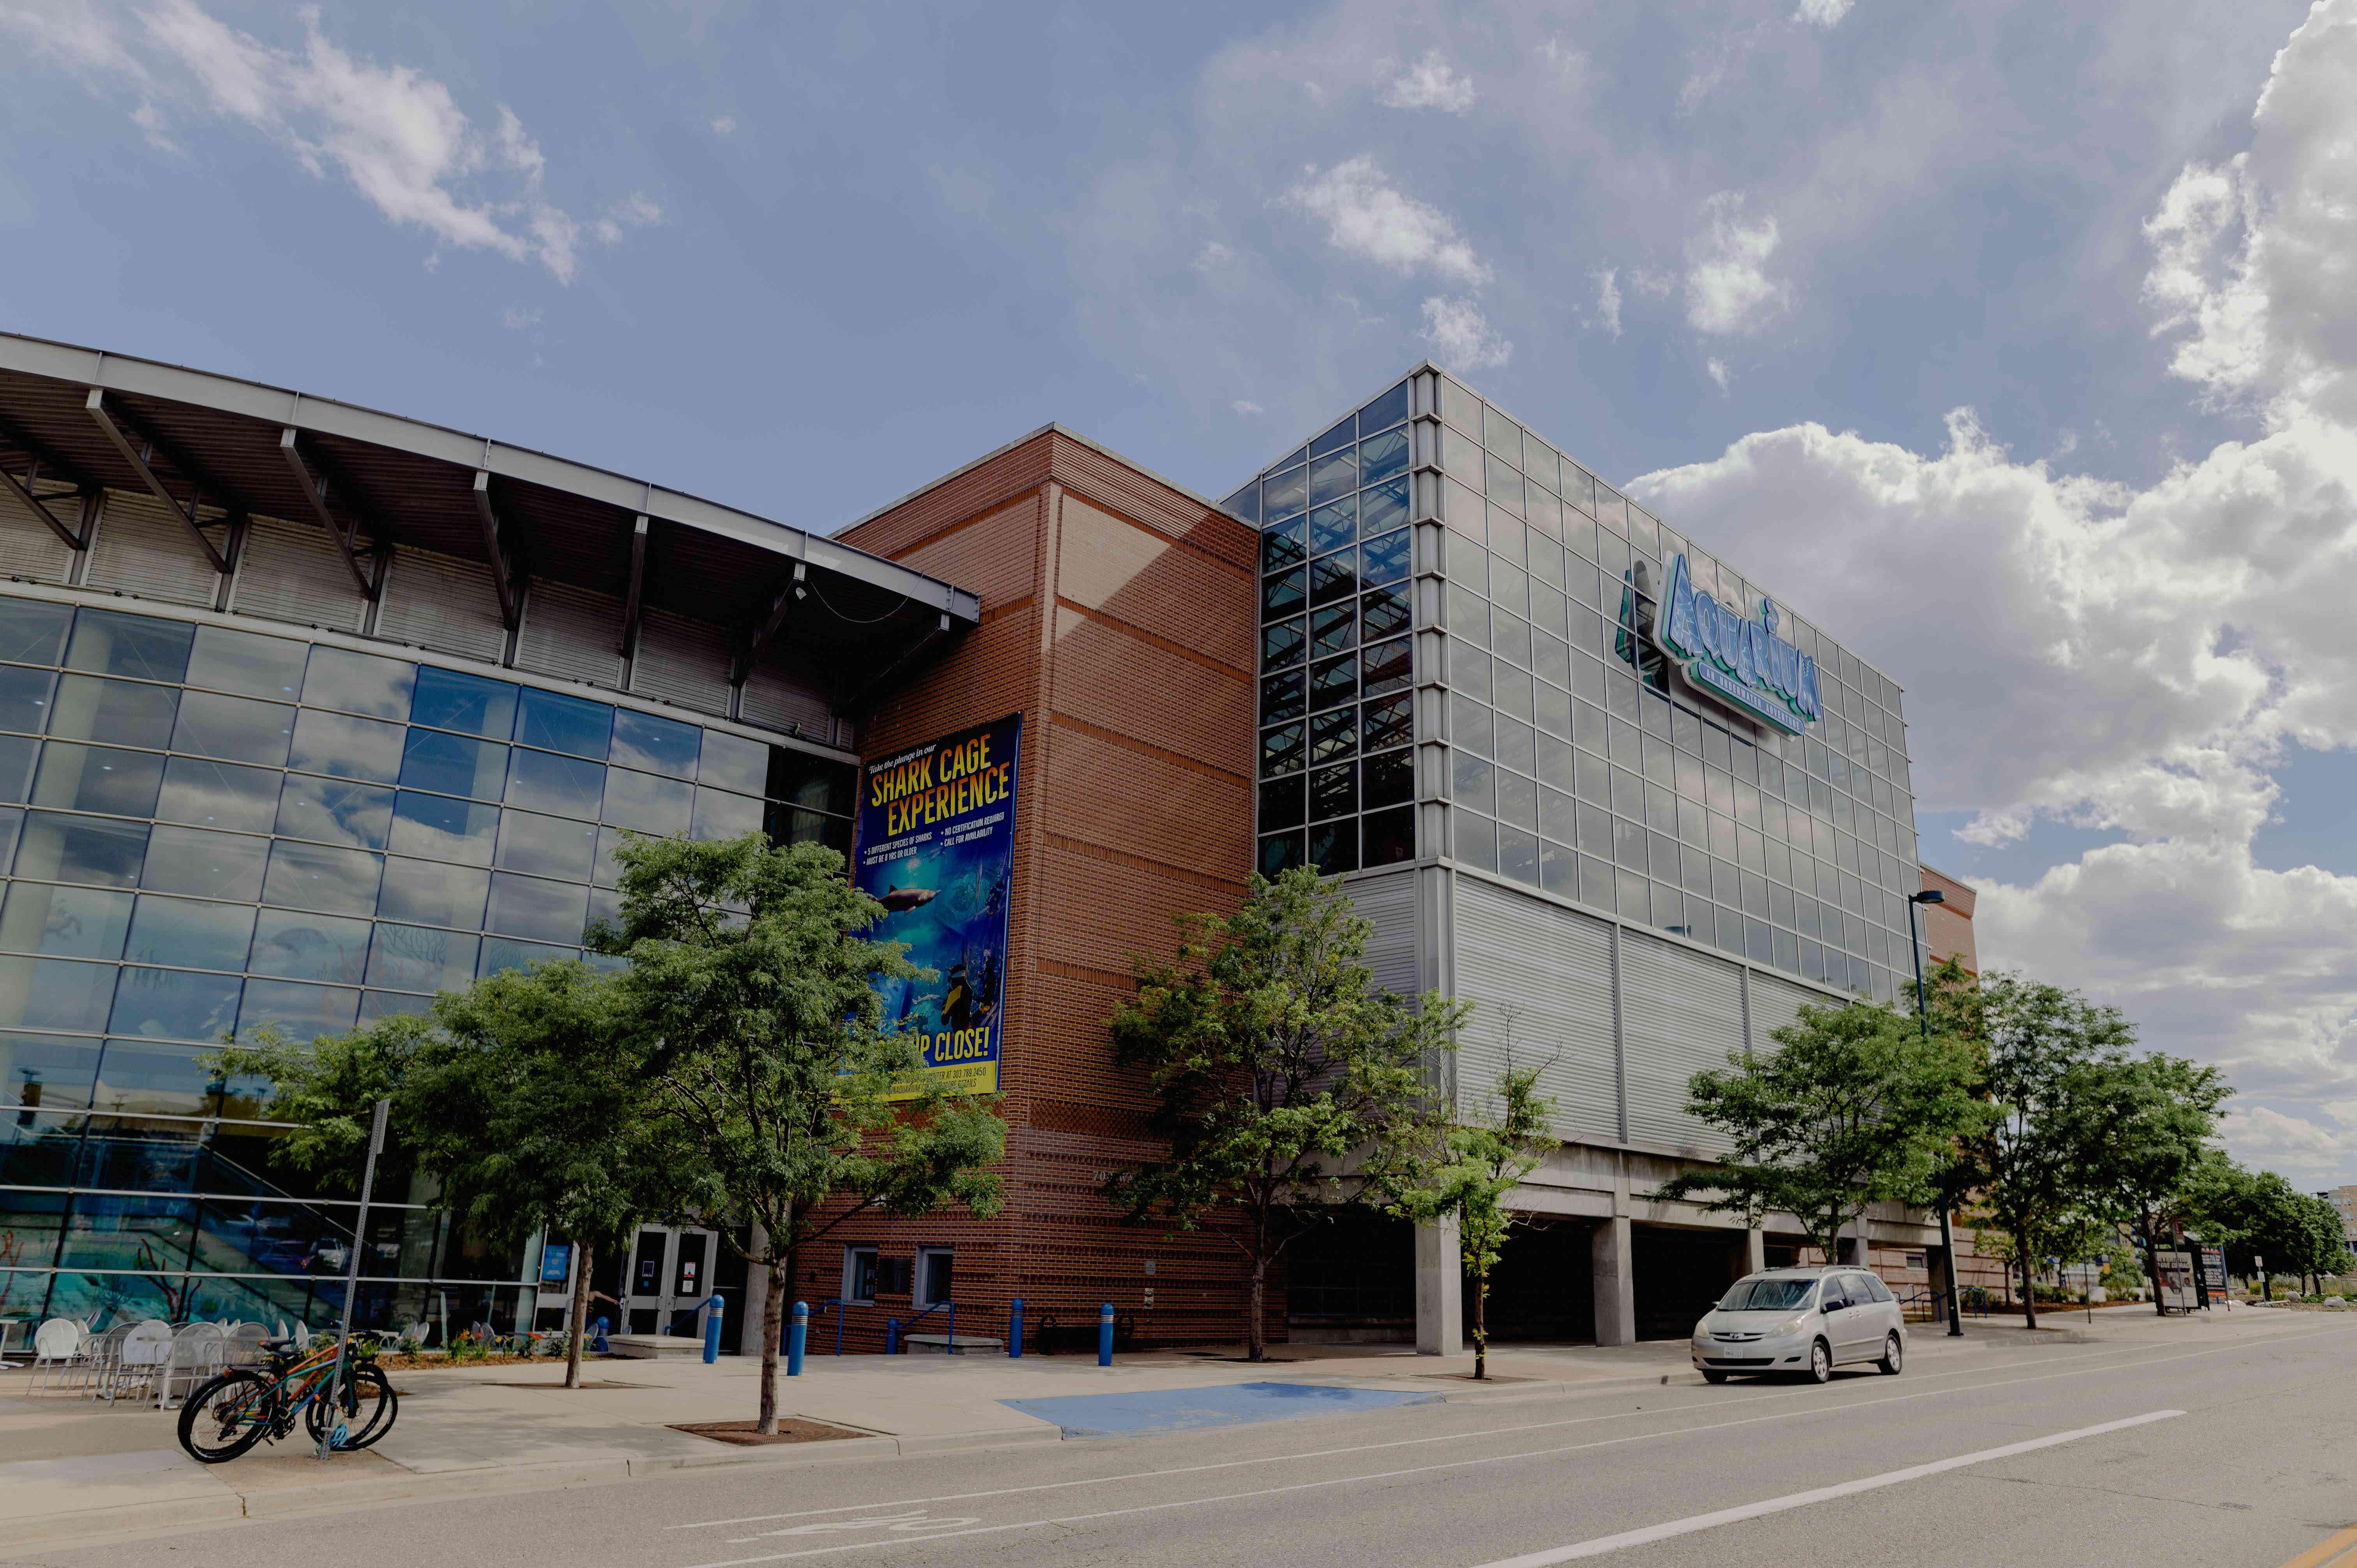 Downtown Aquarium in Denver, Colorado